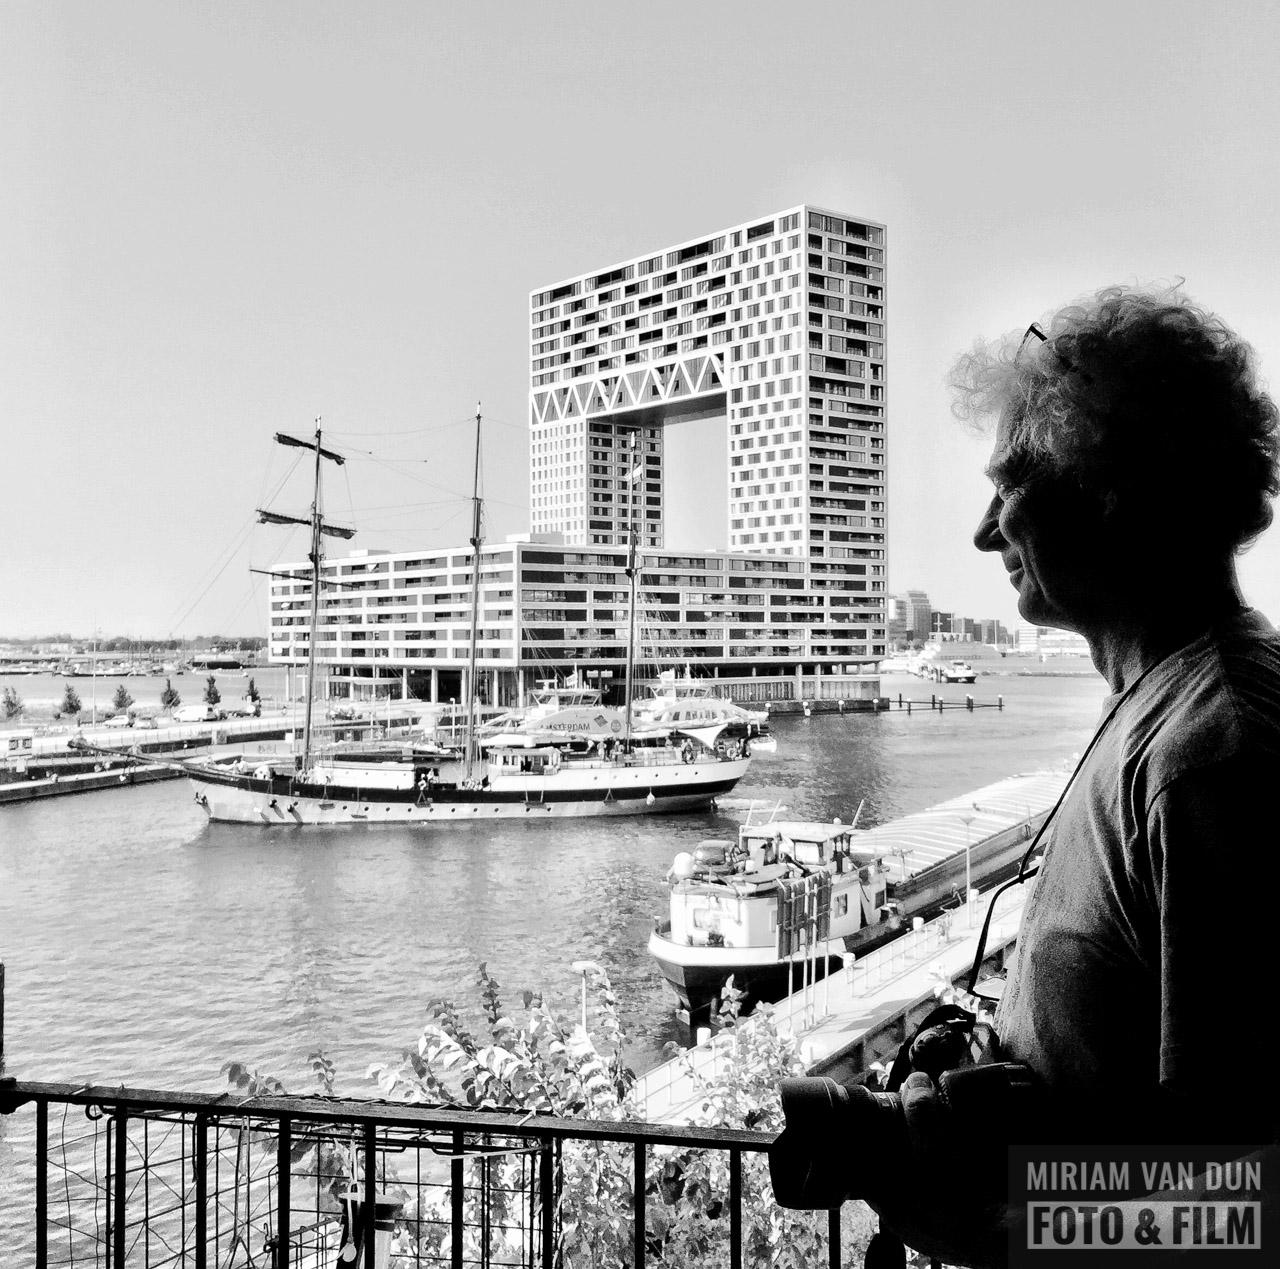 René Gerritsen - Kunstonderzoeksfotograaf